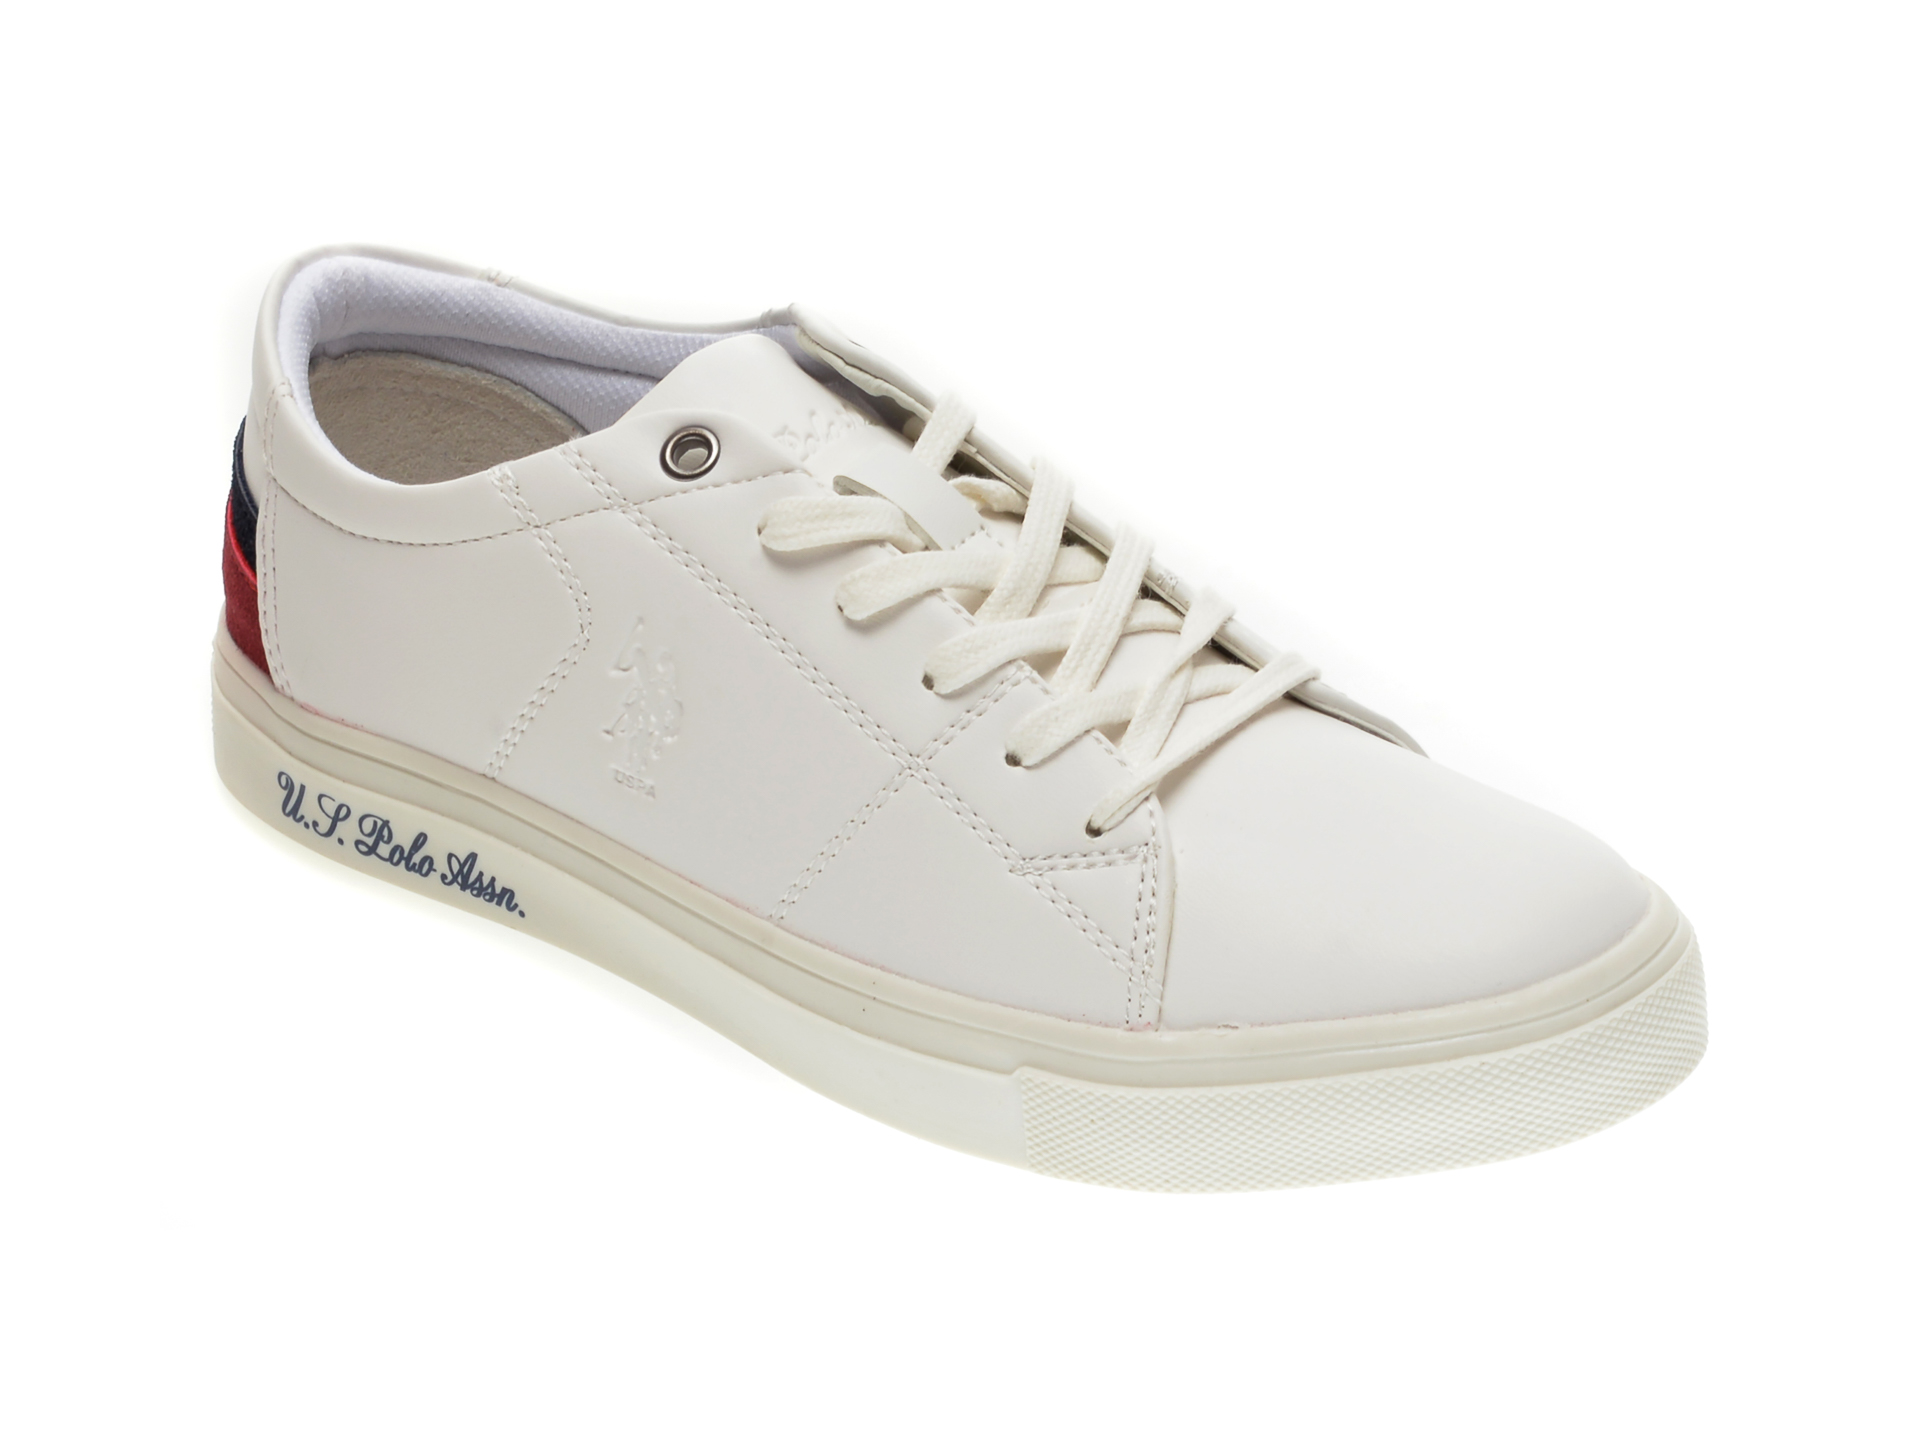 Pantofi sport US POLO ASSN albi, 422445, din piele ecologica imagine